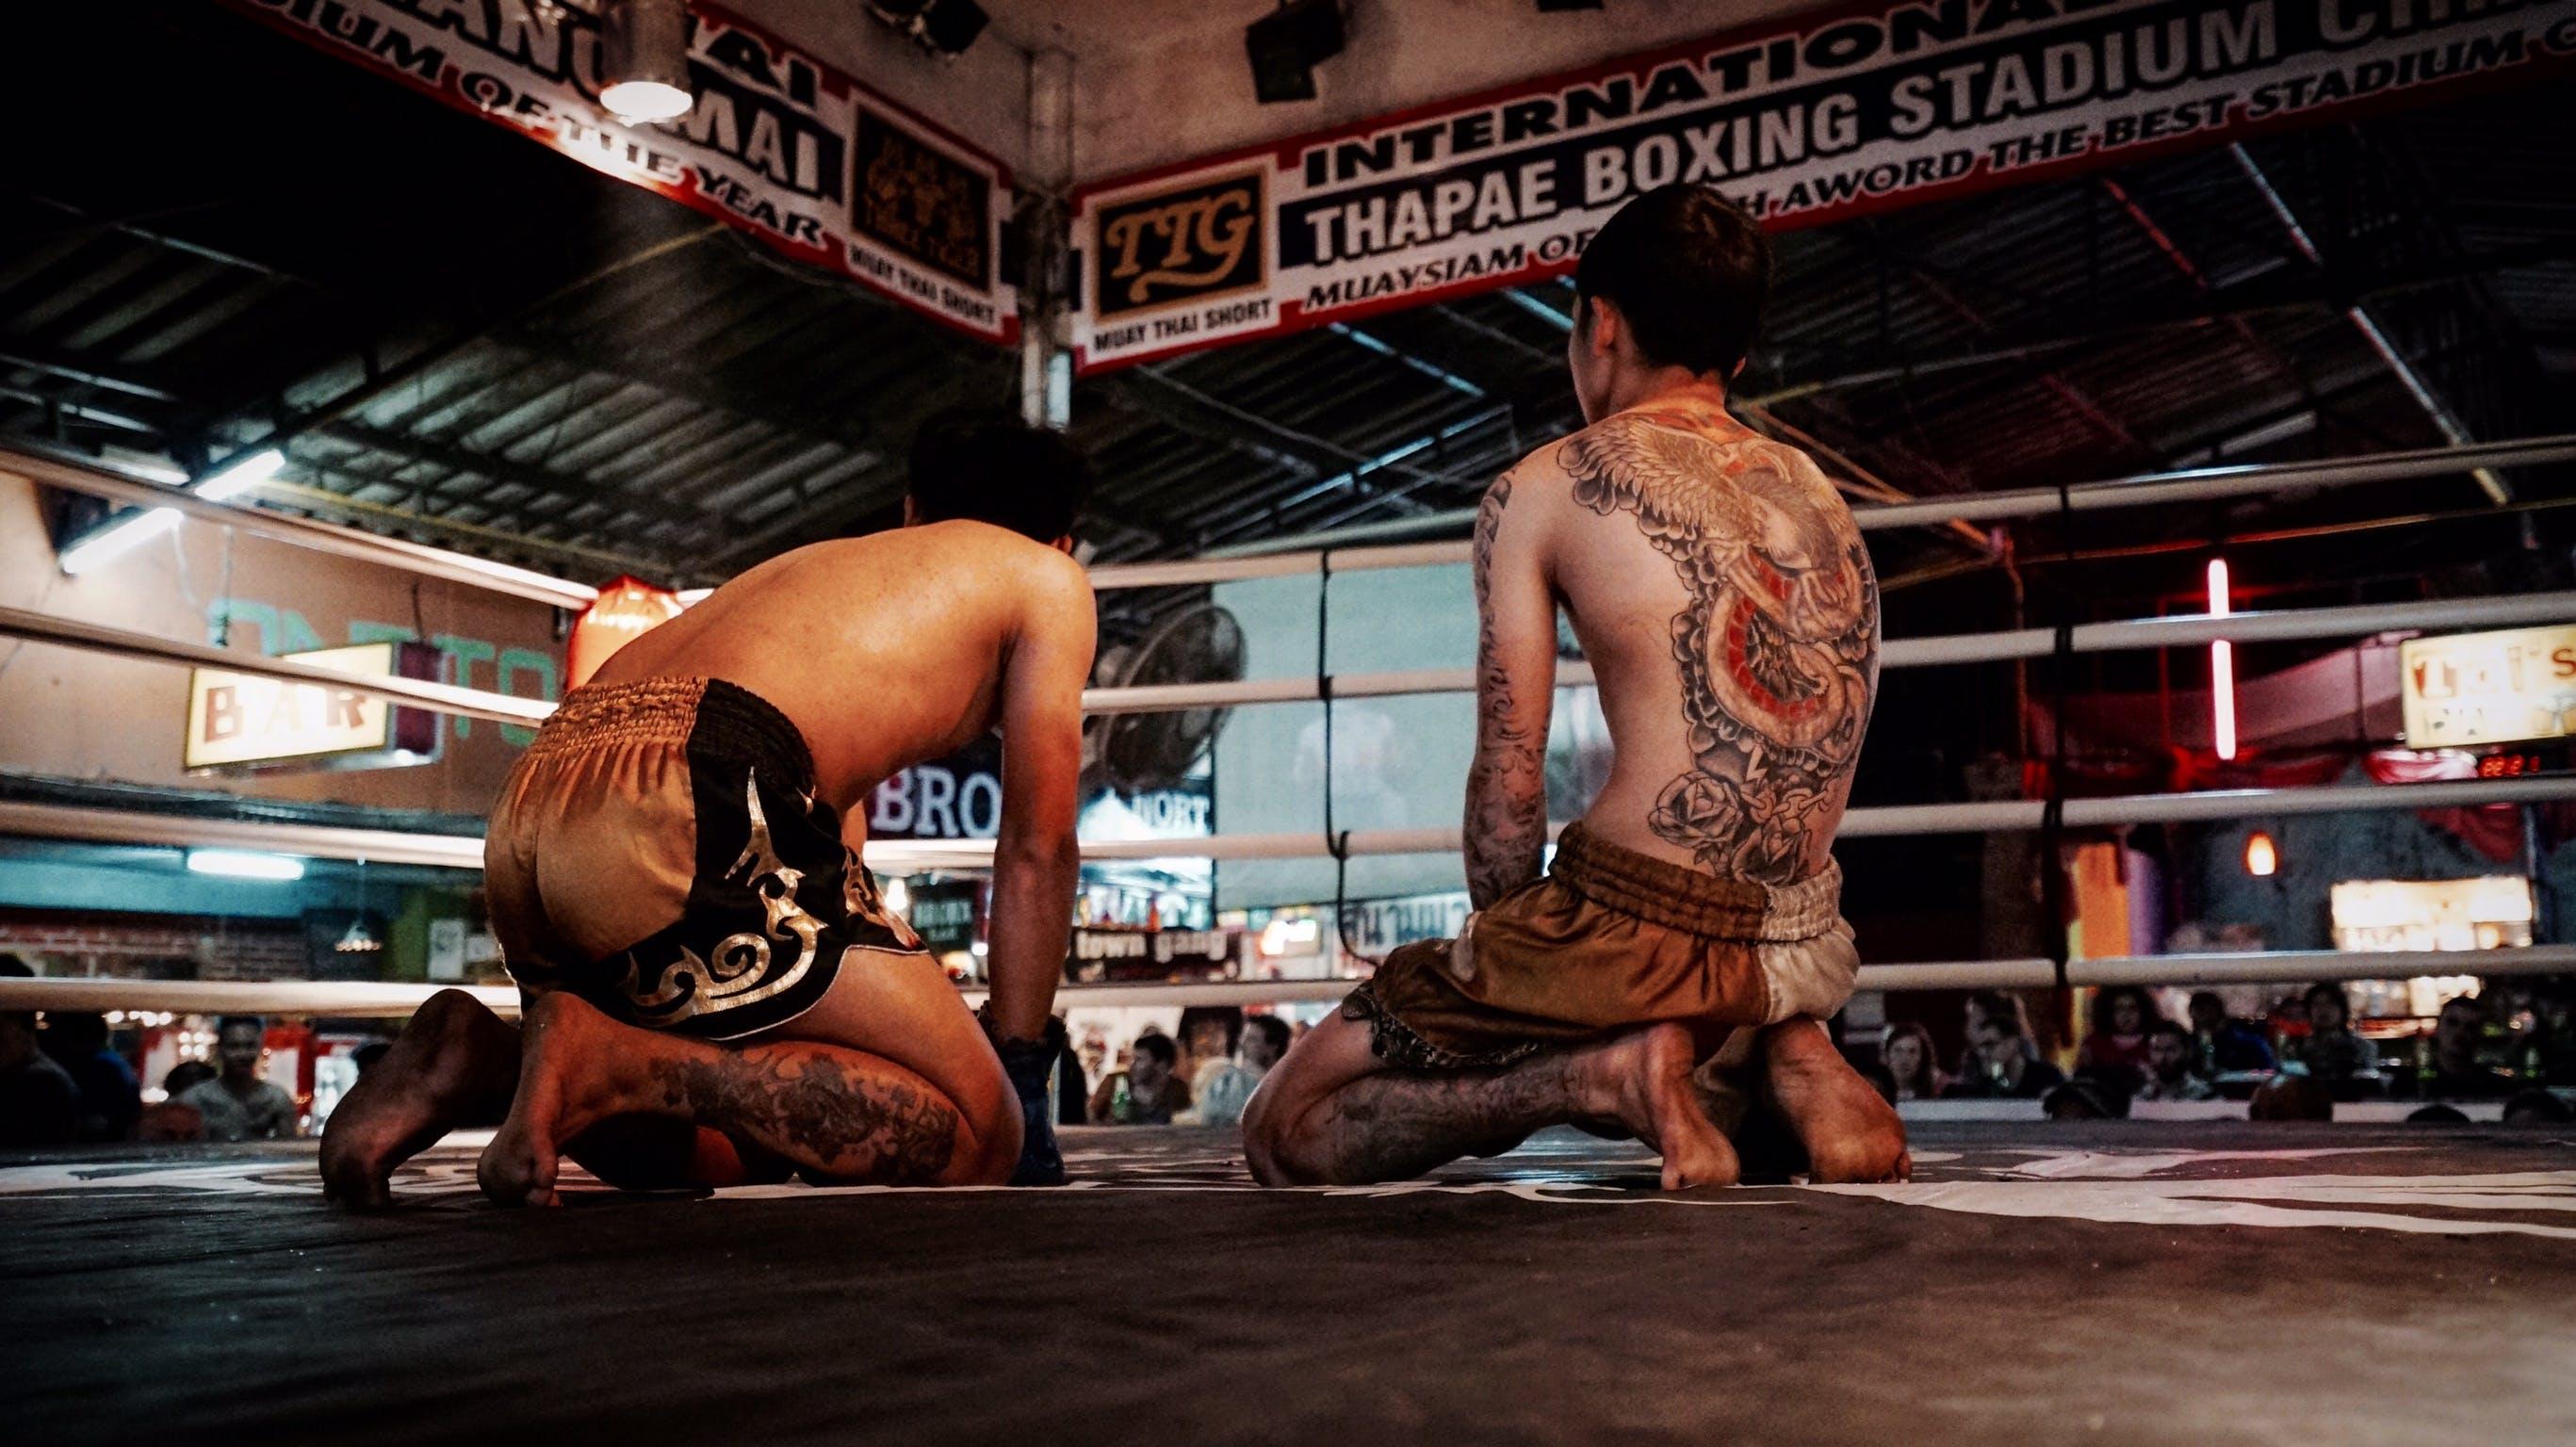 Man Kneeling on Boxing Ring